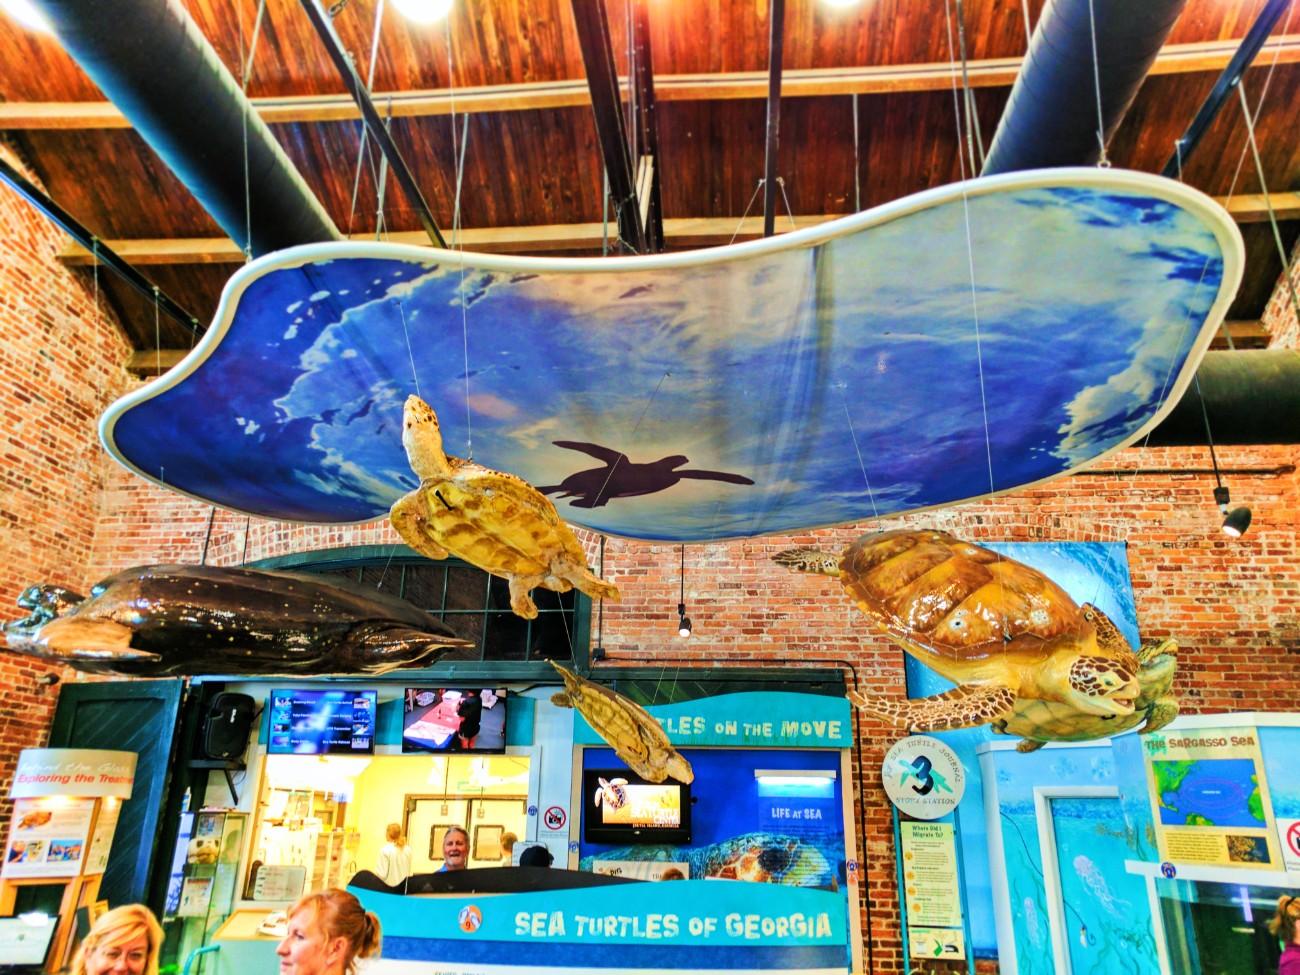 Lifecycle exhibit at Georgia Sea Turtle Center Jekyll Island Golden Isles Georgia 2